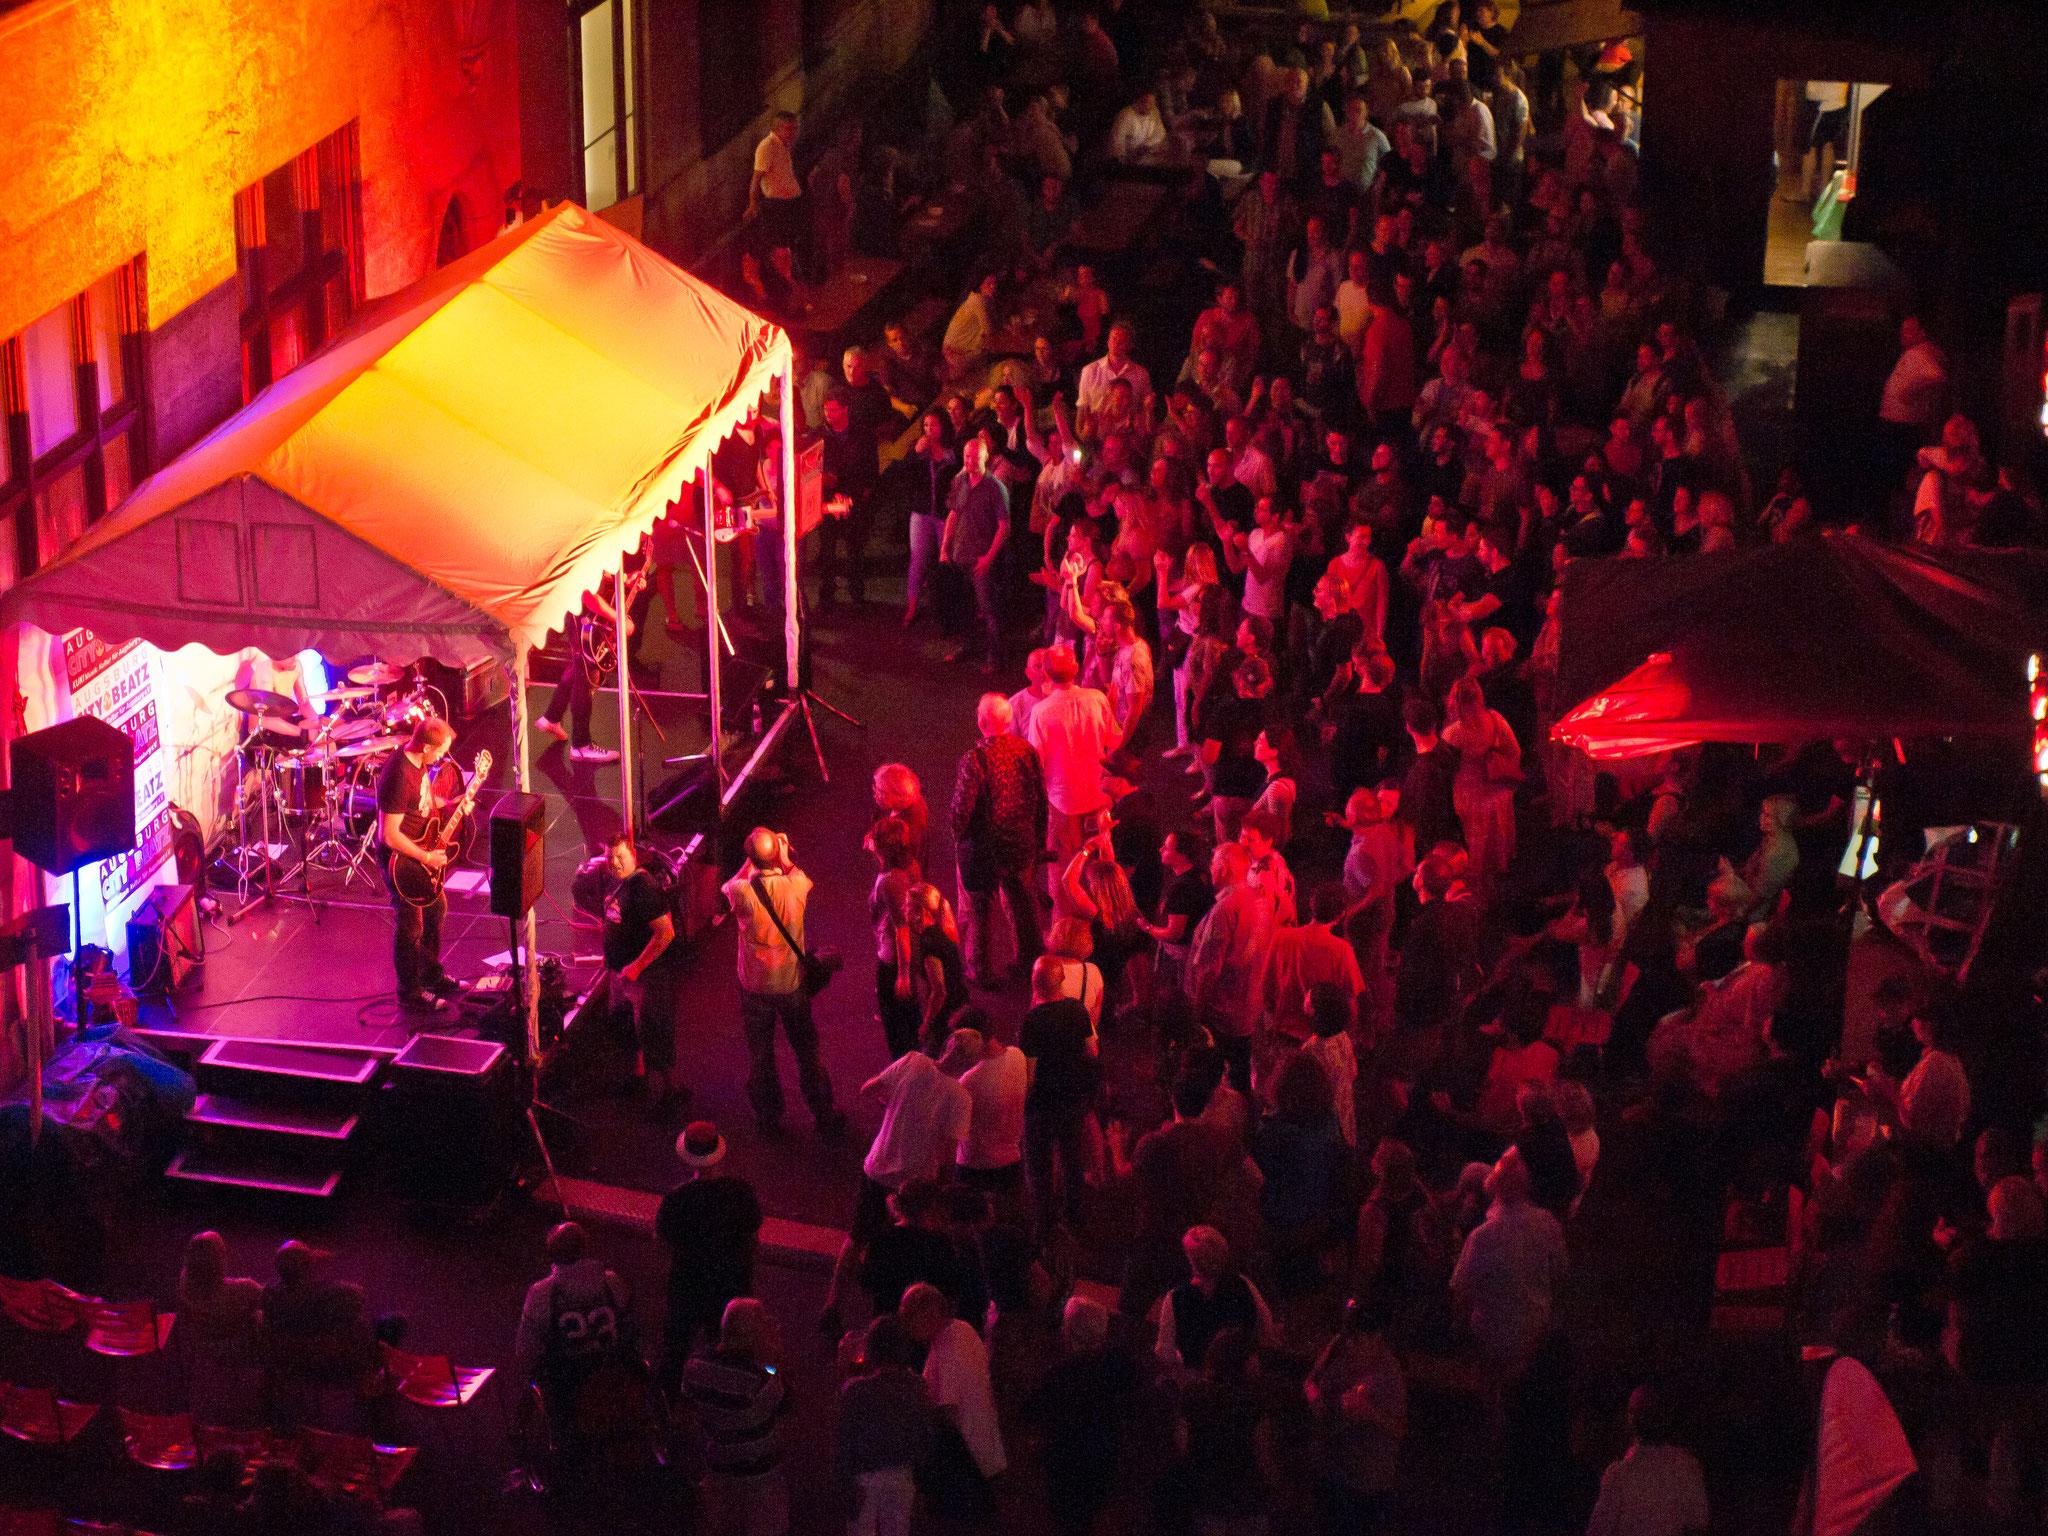 Konzerte im Bürgerhof 08.07.17 - Freiwilligen-Zentrum Augsburg - Foto: Robert Hösle